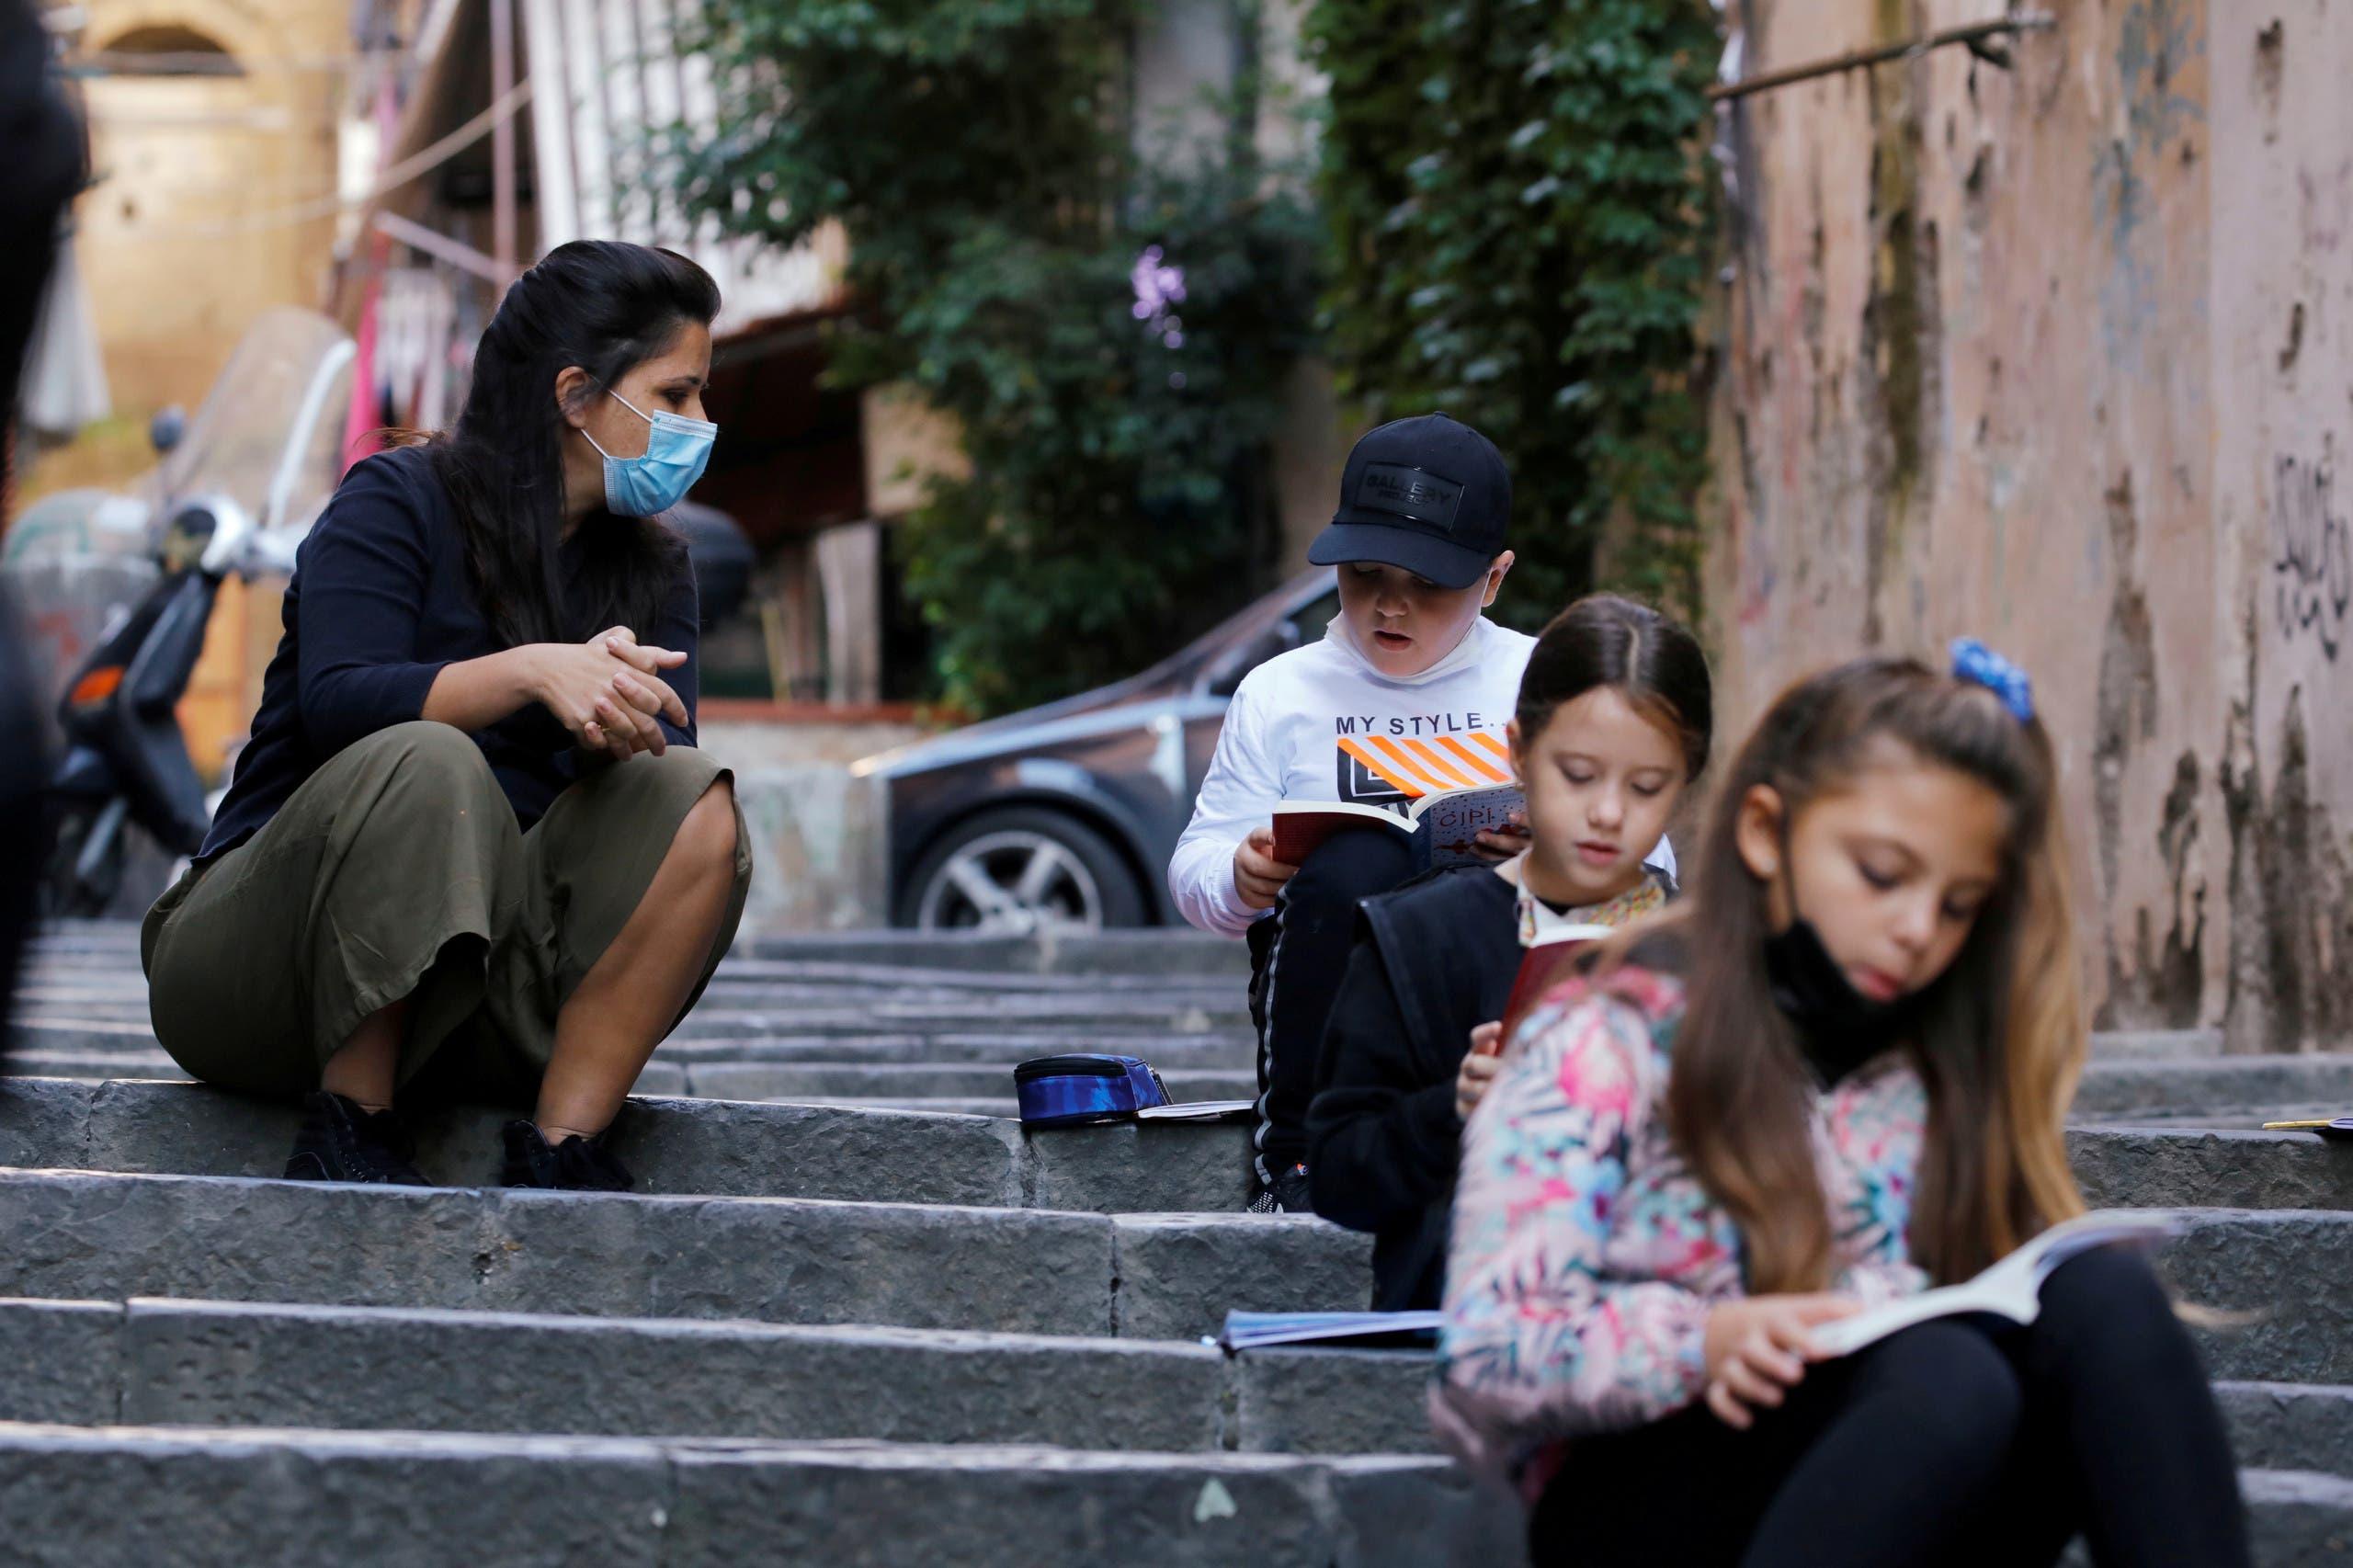 مدرسة تلقن تلامذها الدروس في الشارع في نابولي في إيطاليا بعد إقفال المدارس